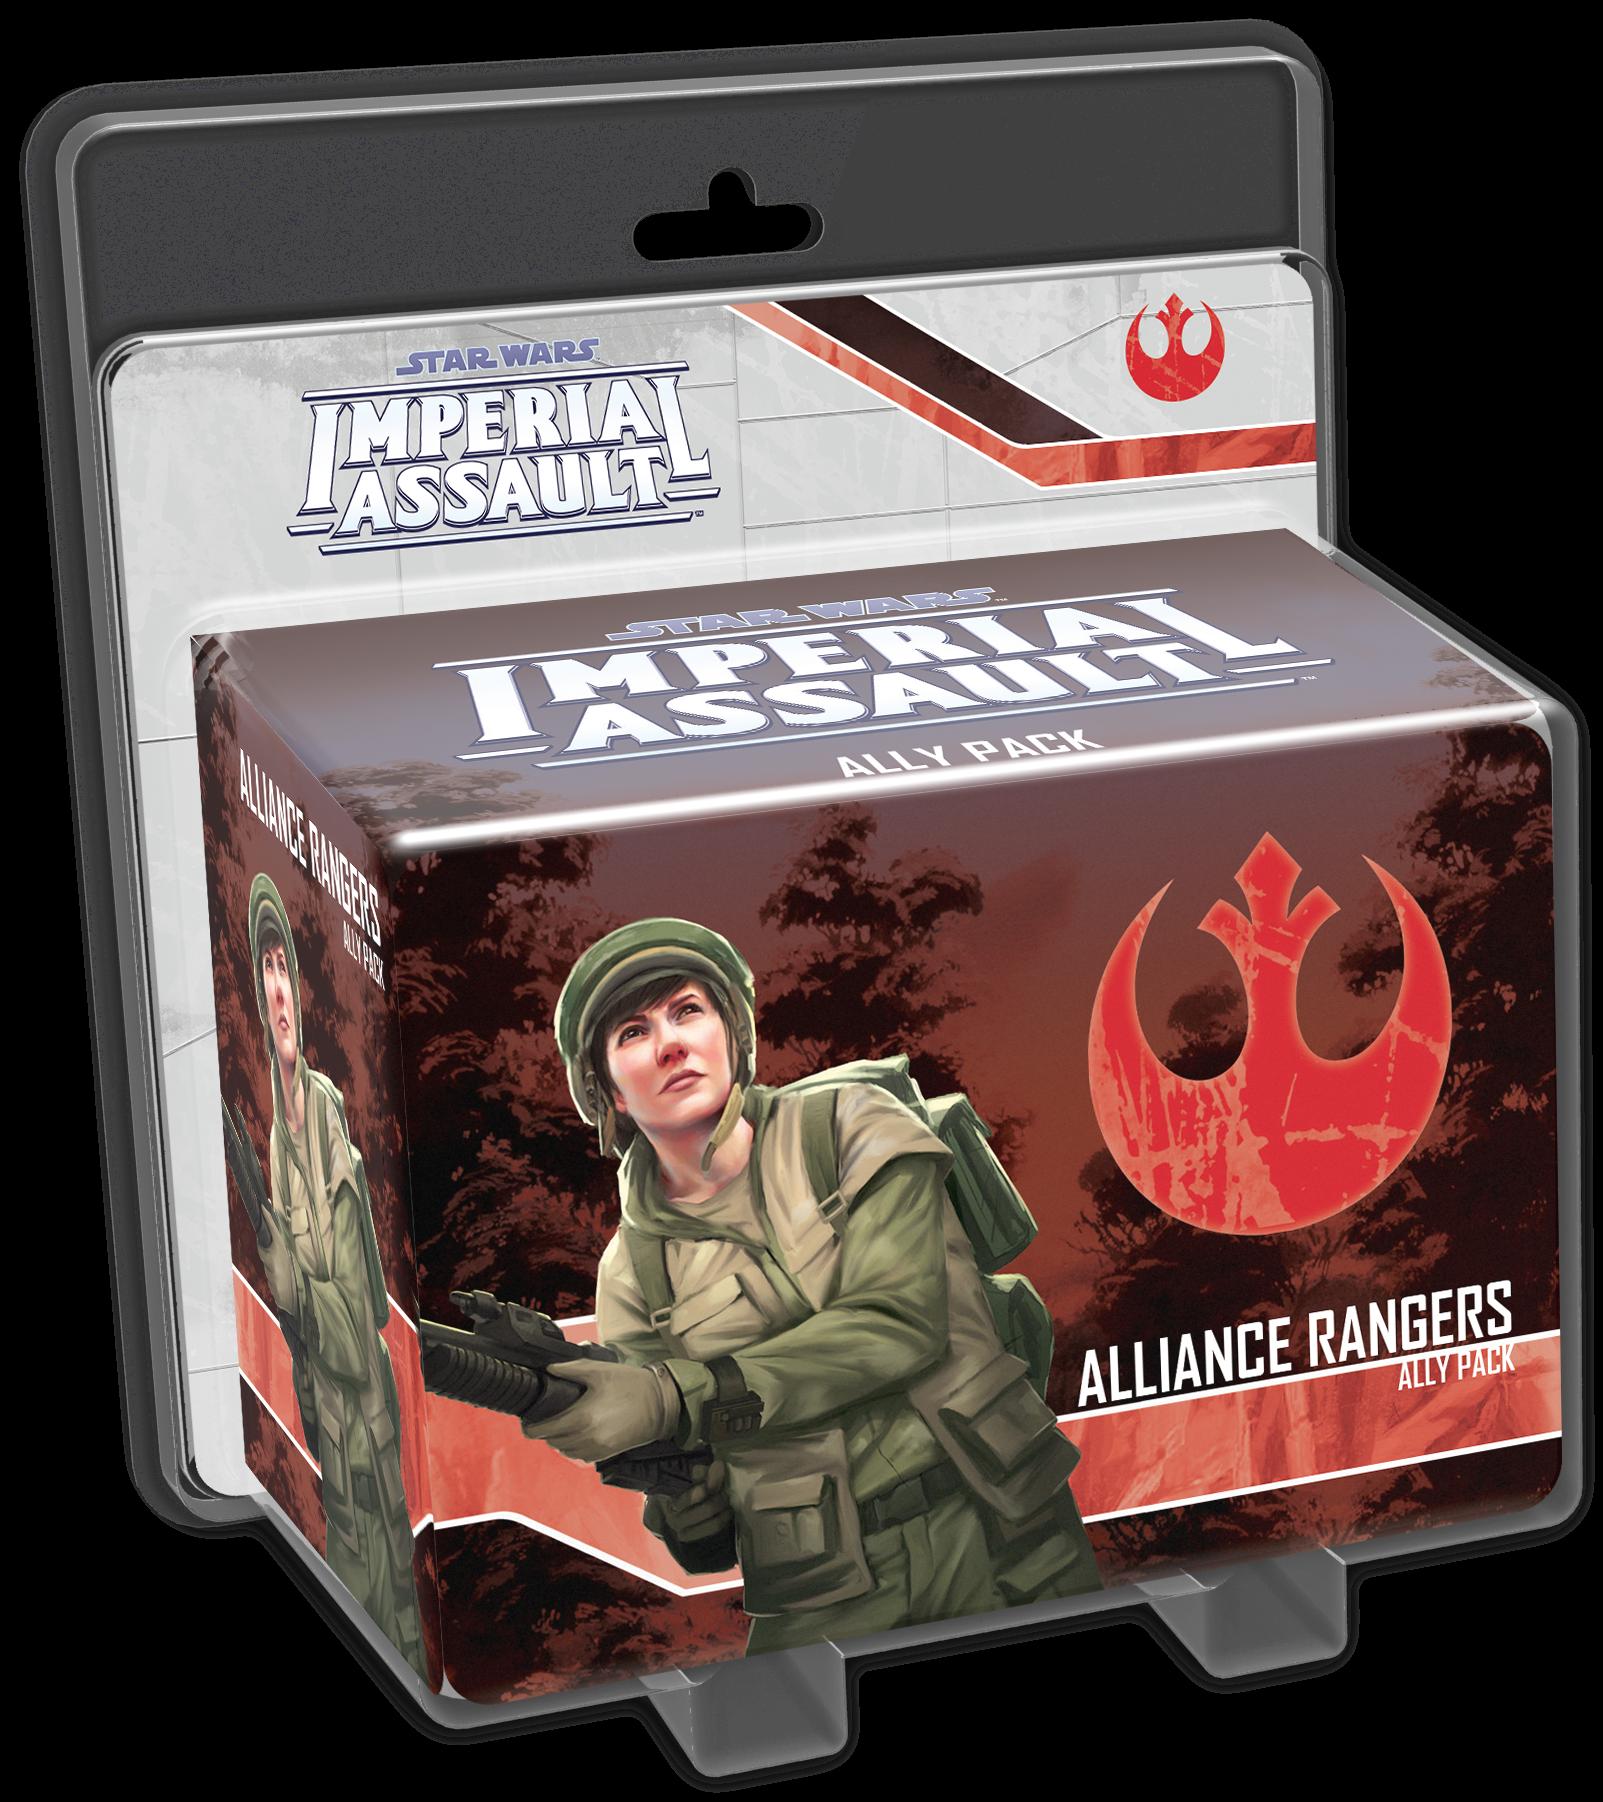 Alliance Rangers Ally Pack